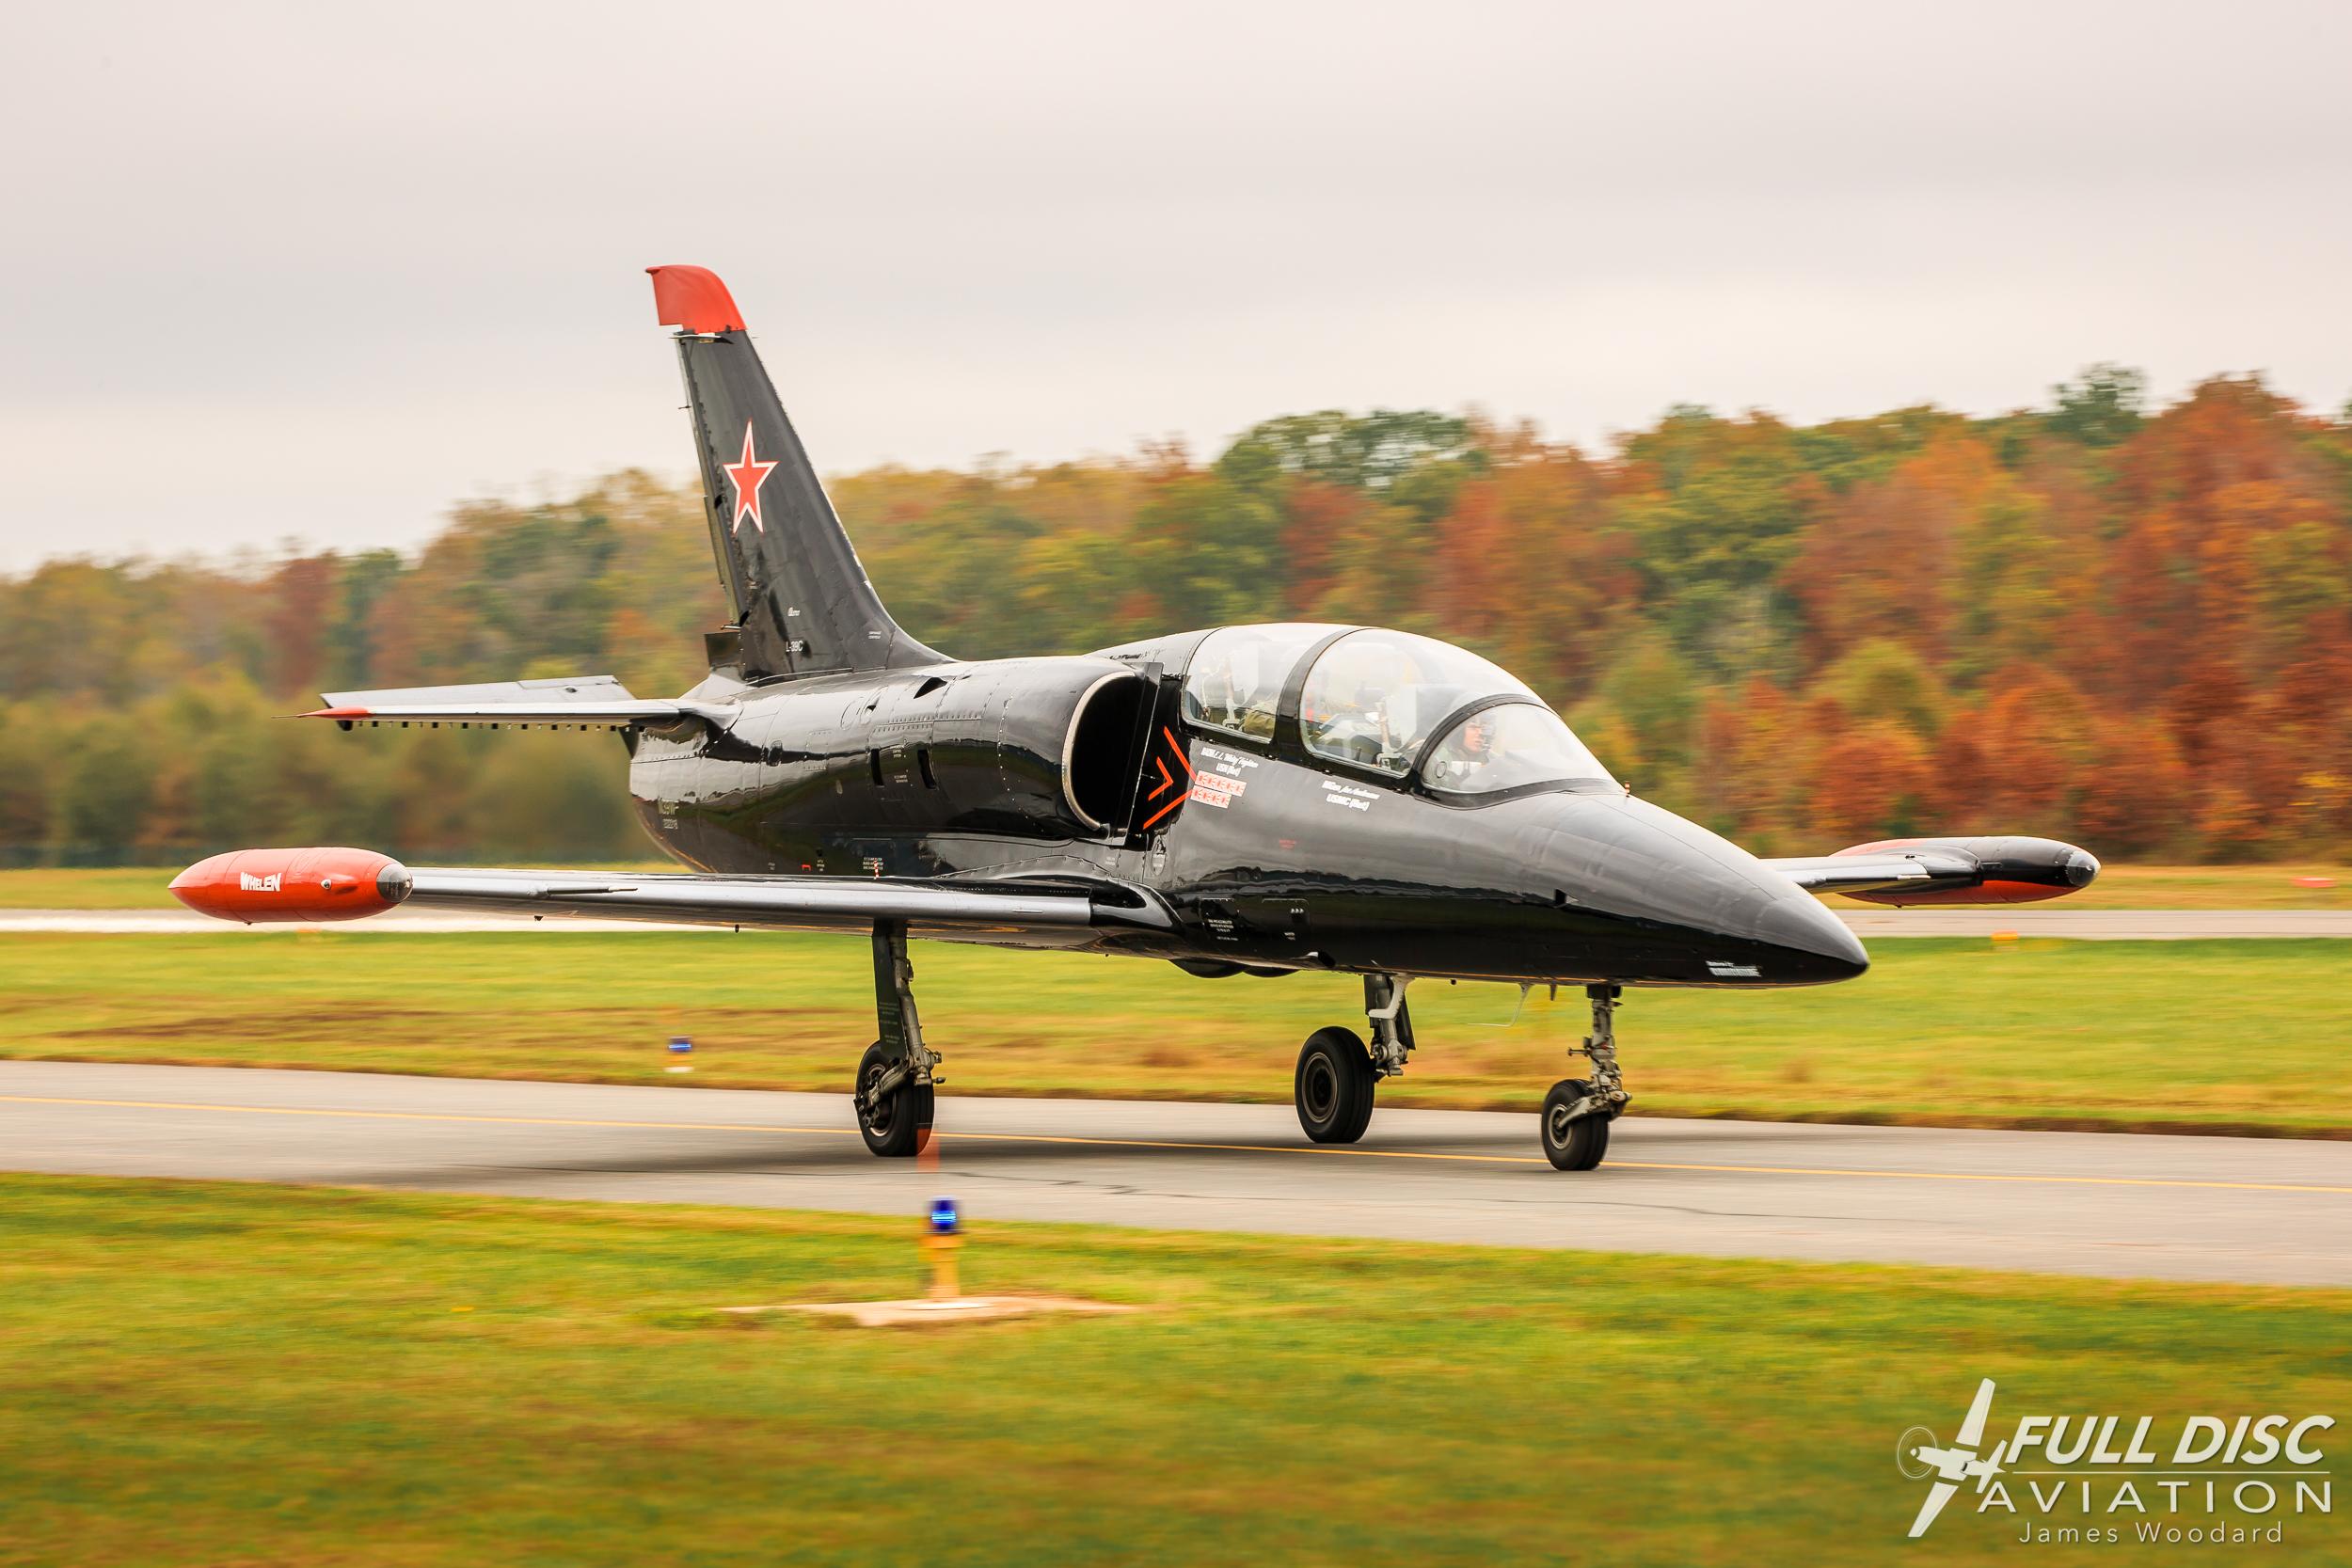 Nalls Aviation-October 13, 2017-01.jpg